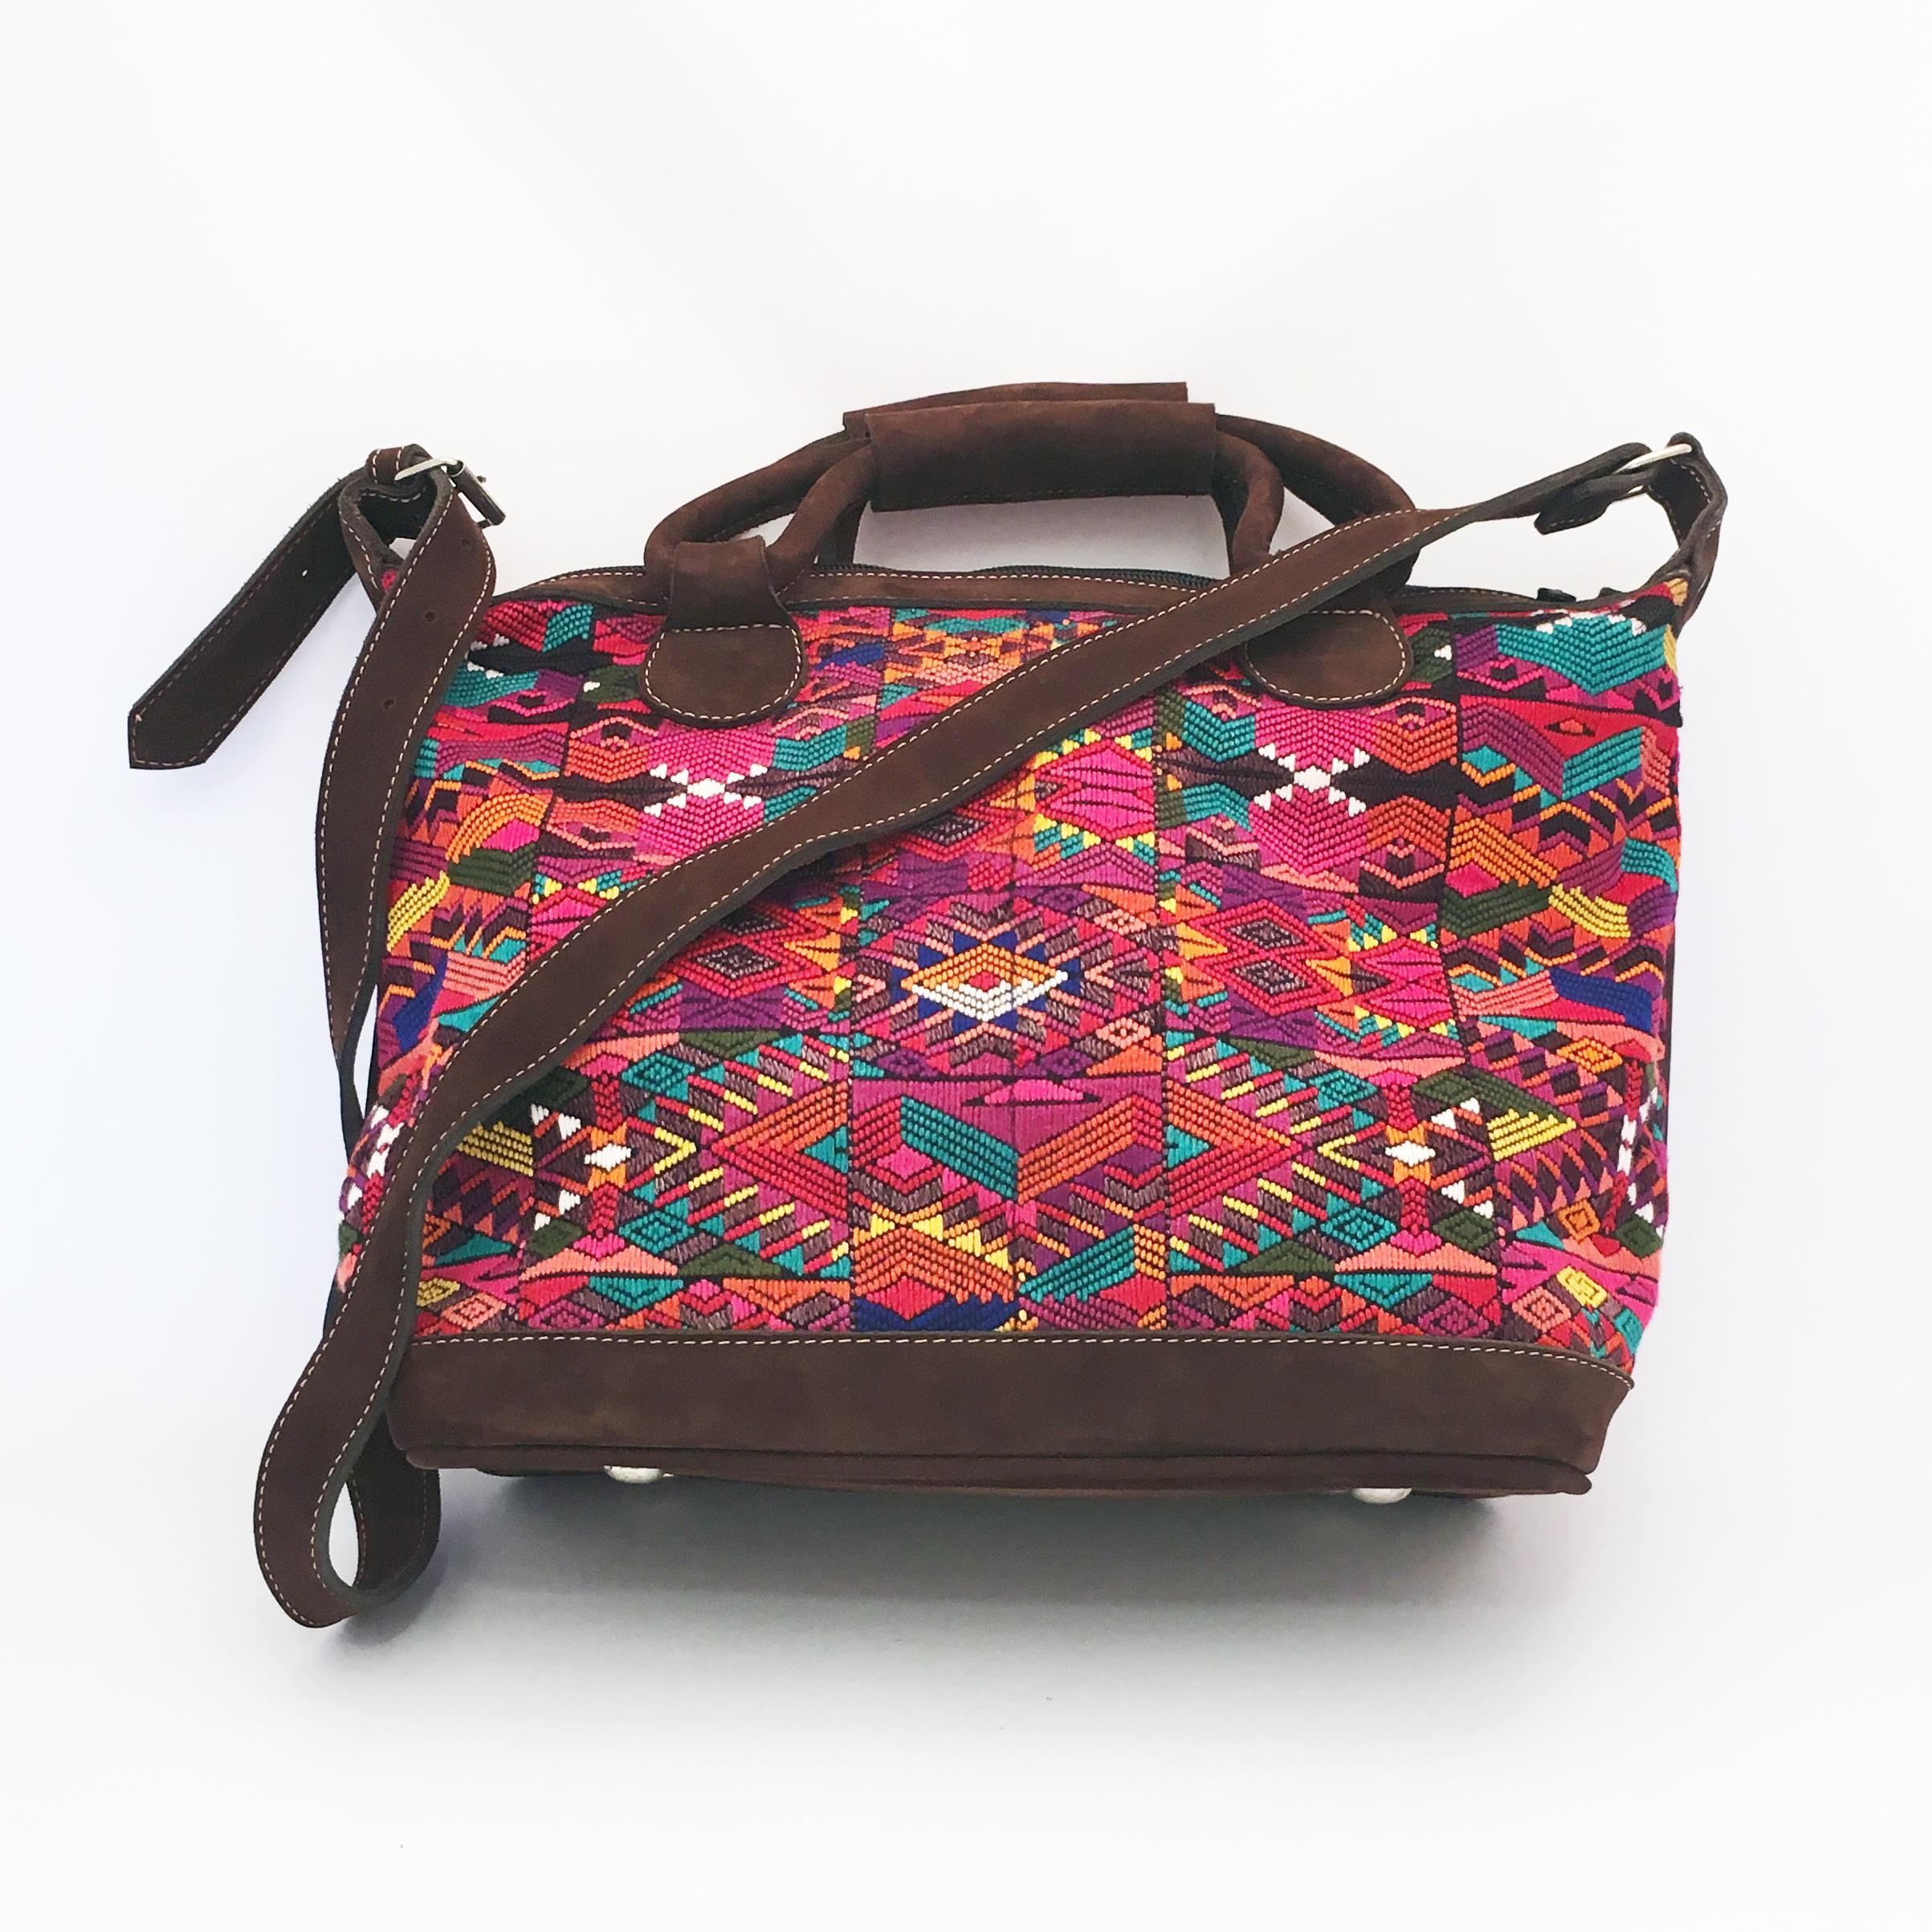 väska, axelväska, guatemala, återbruk, recycle, reuse (21)